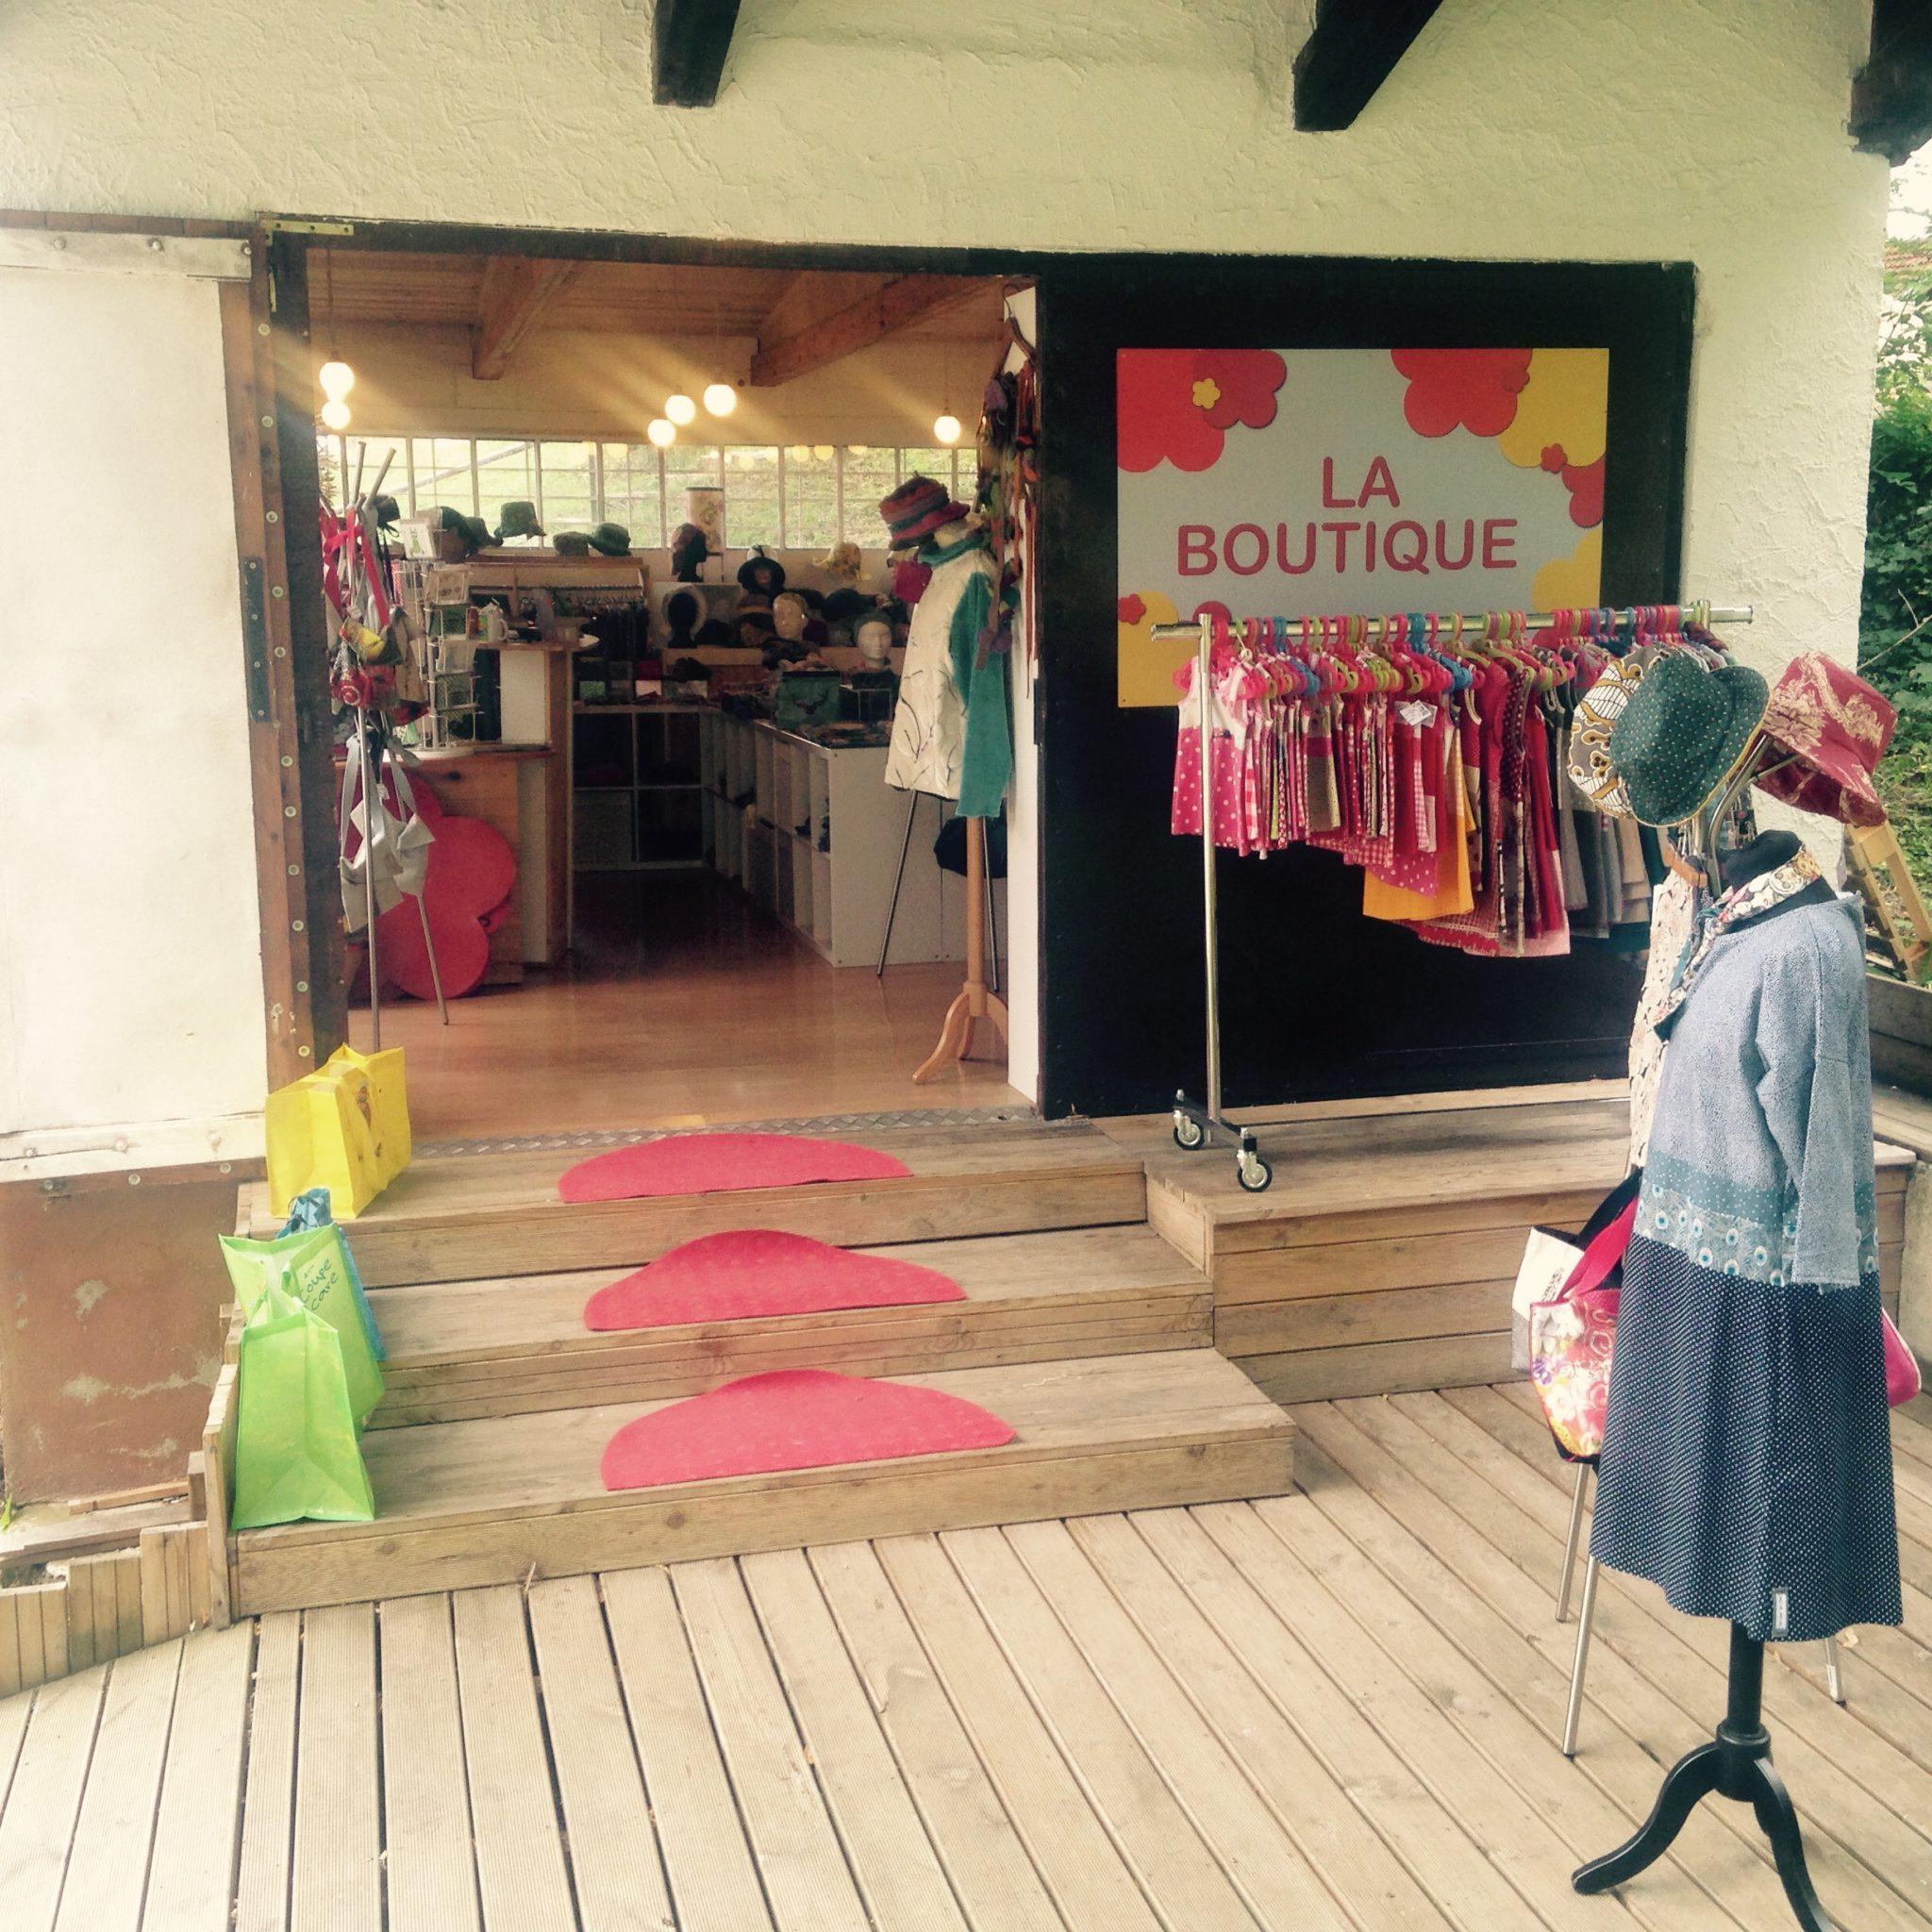 LinoLino | Linogravure et créations à partir d'impressions artisanales | Chambéry, France | Boutique du funiculaire Boutique créateurs Saint Hilaire du Touvet